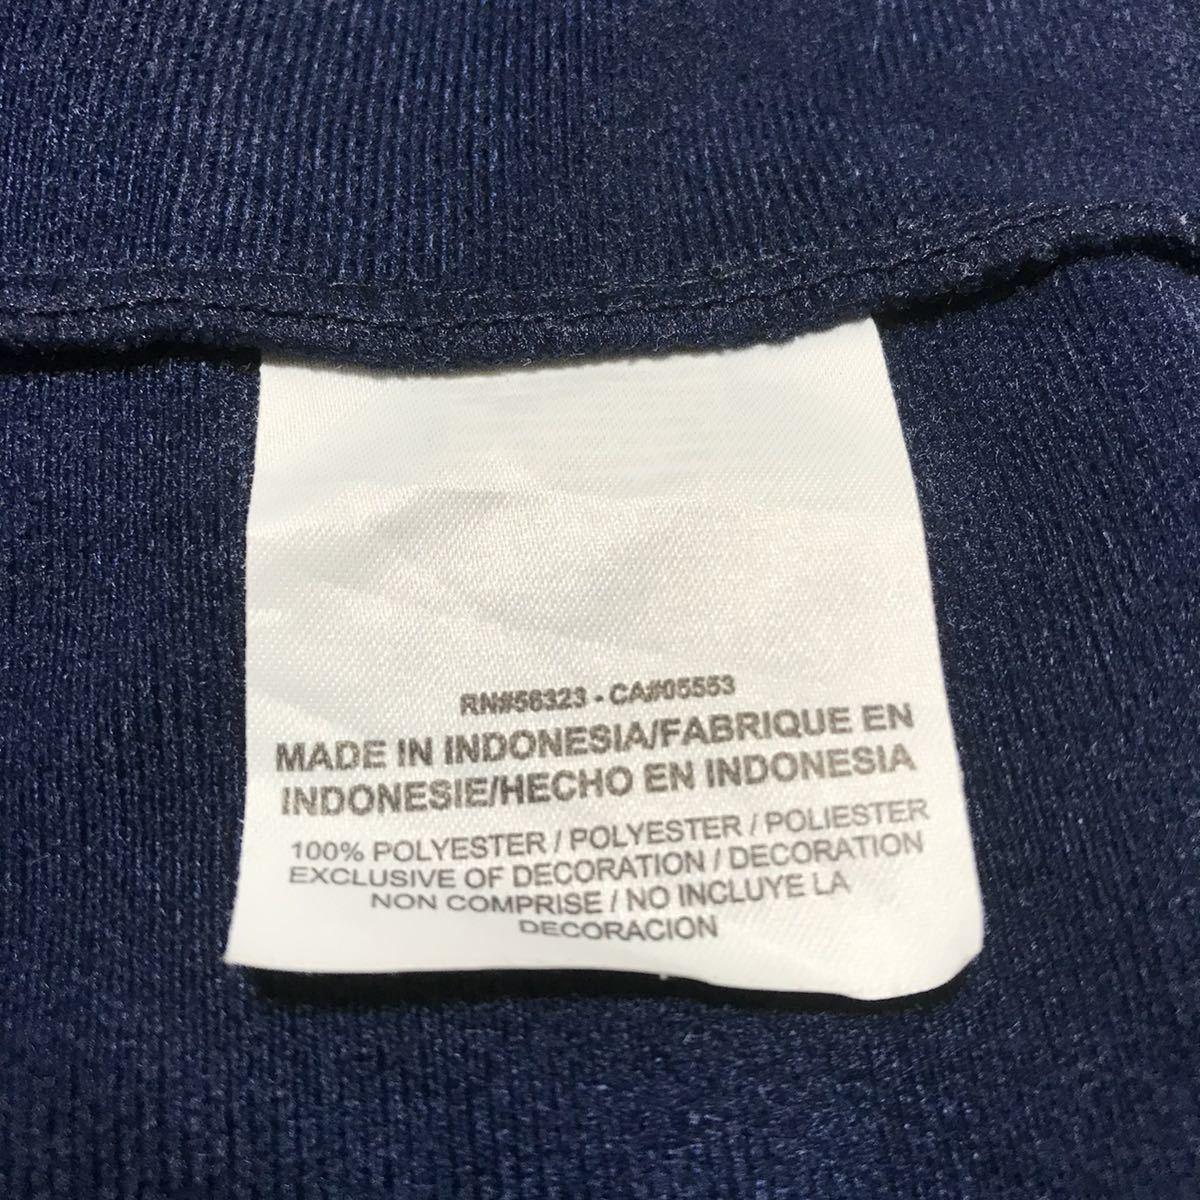 NIKE ナイキ ジャージ トラックジャケット L ネイビー 刺繍ロゴ ビッグサイズ オーバーサイズ